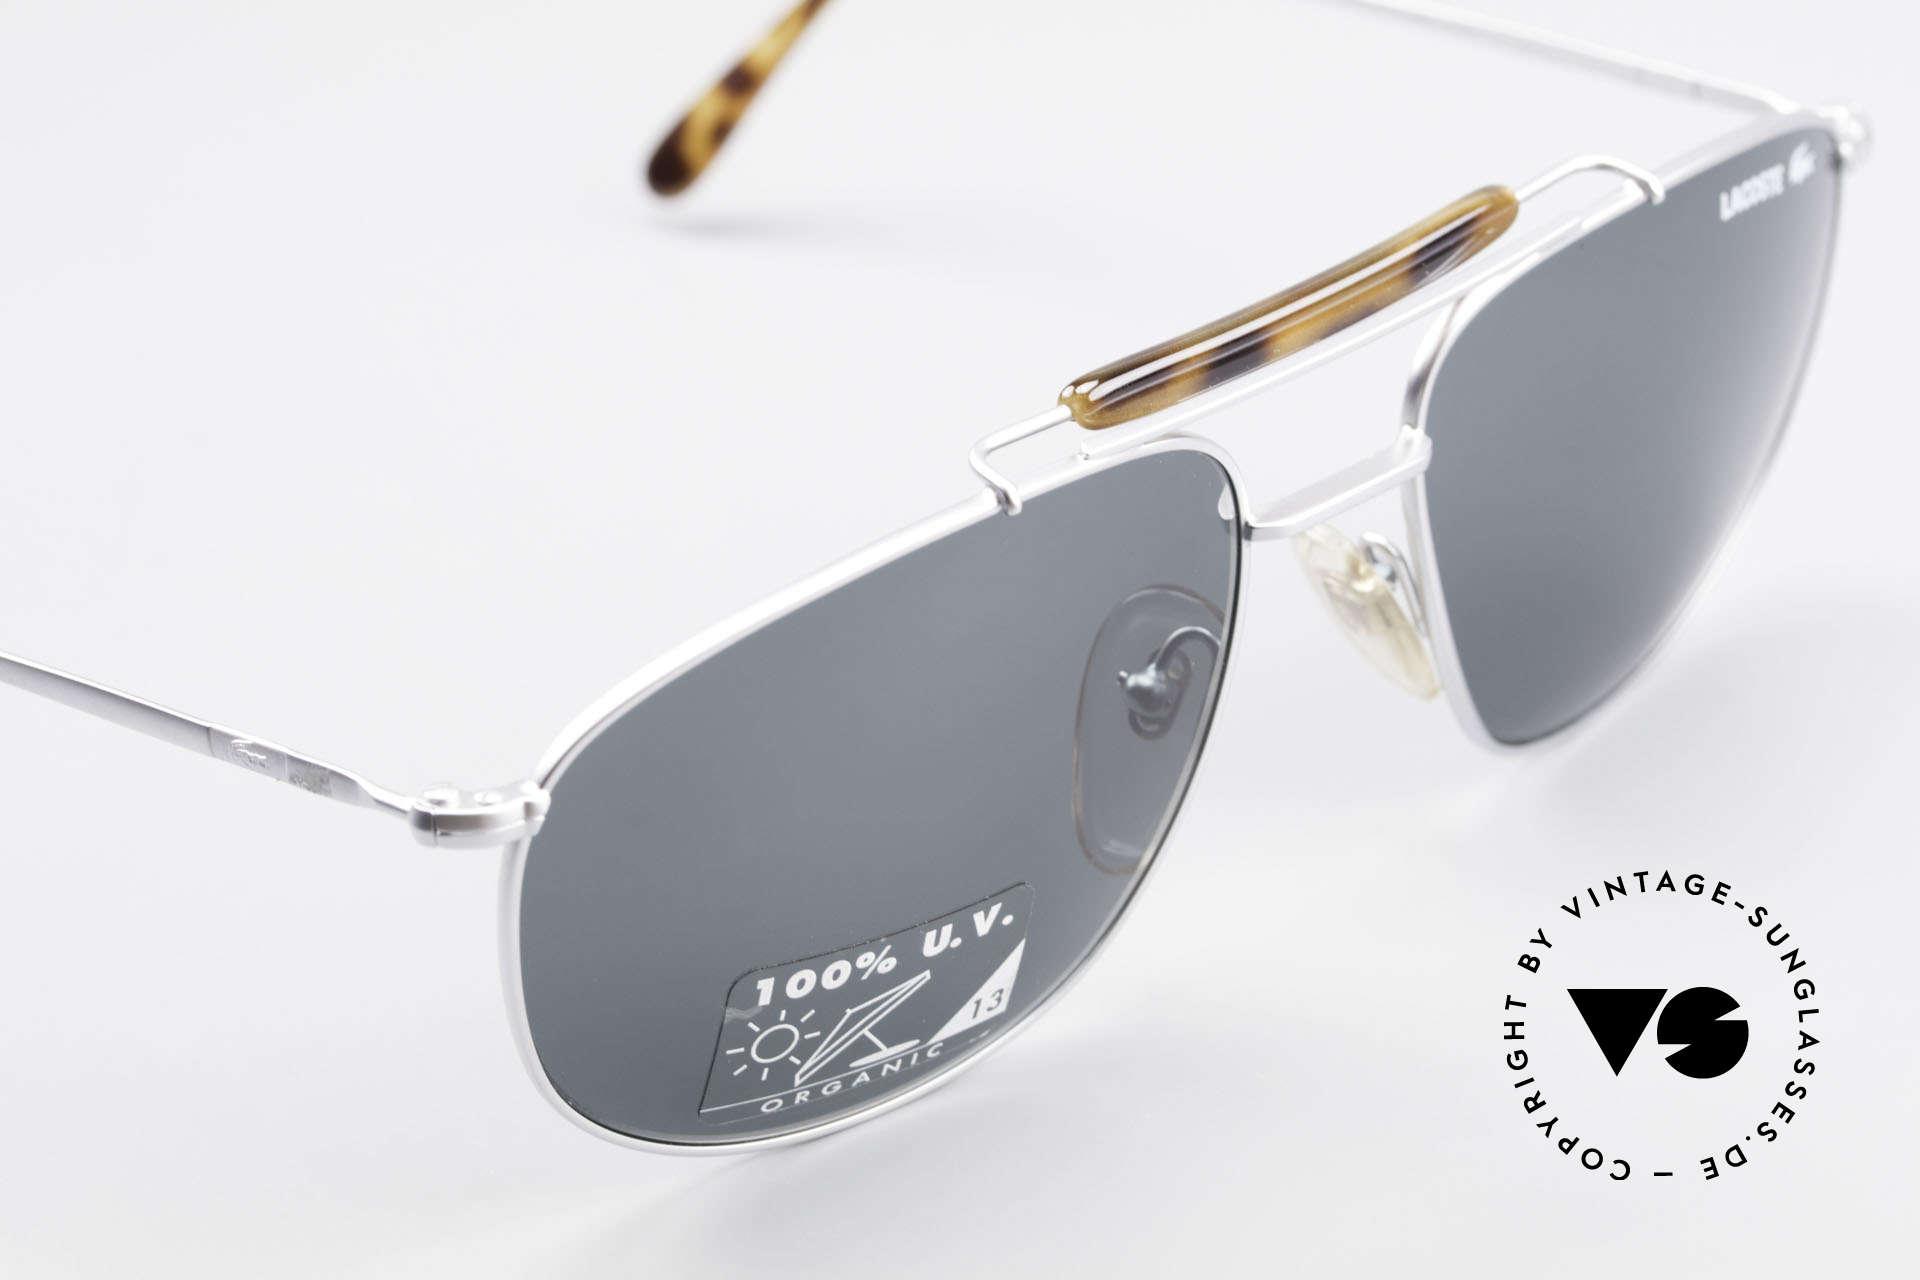 Lacoste 149 Titanium Sonnenbrille Herren, ungetragen (wie alle unsere LACOSTE Brillen), Passend für Herren